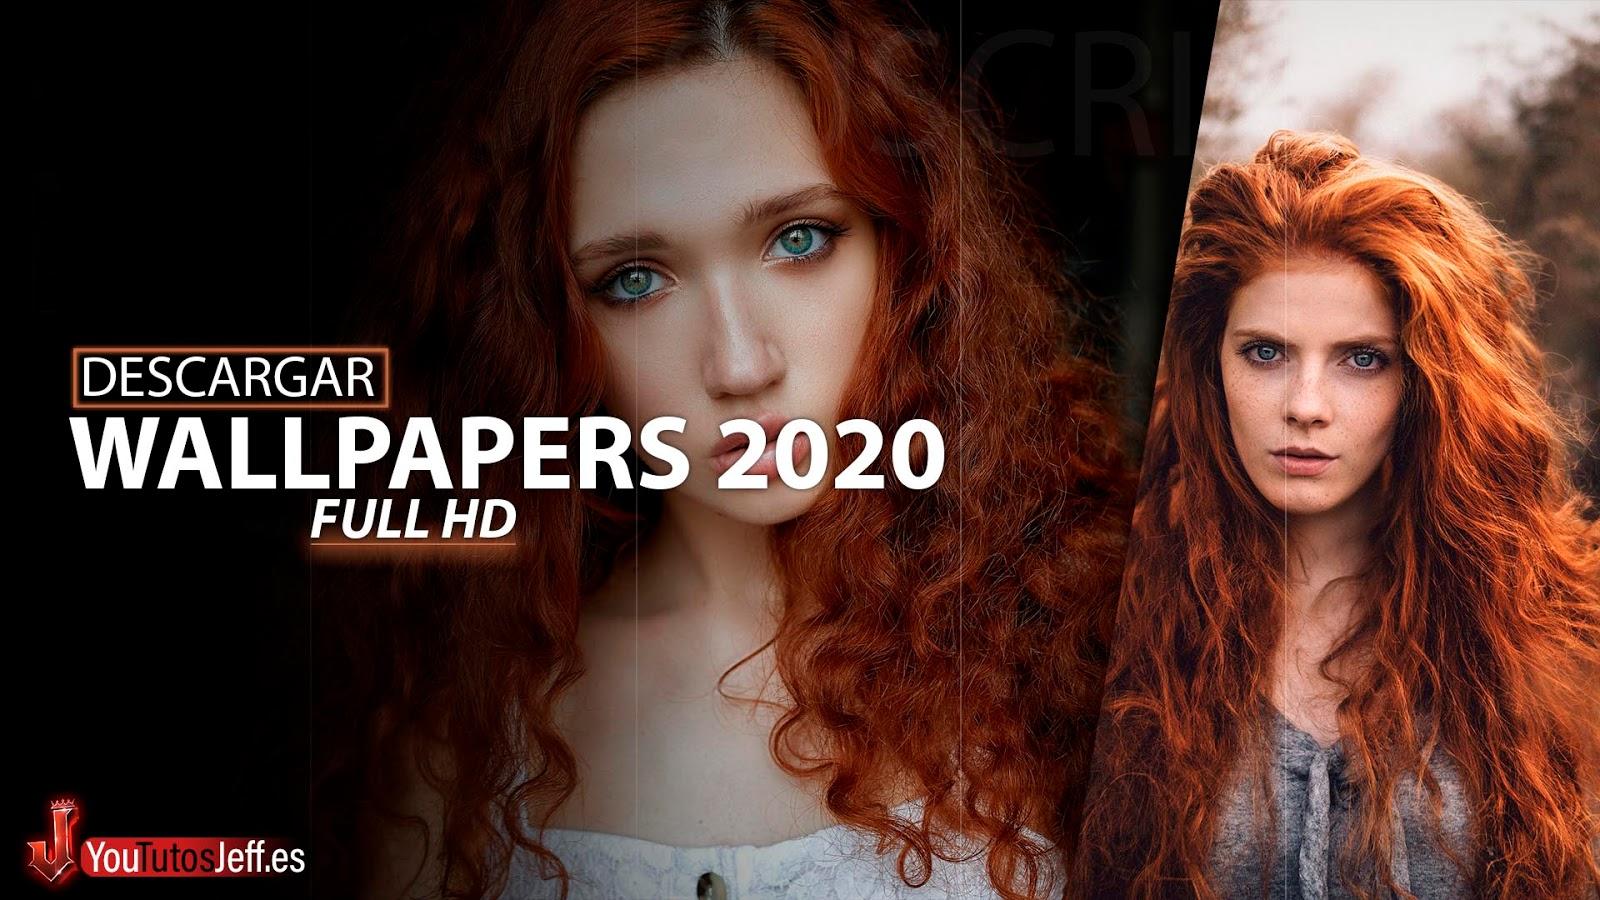 Descargar Pack de Wallpapers 2020 FULL HD #2